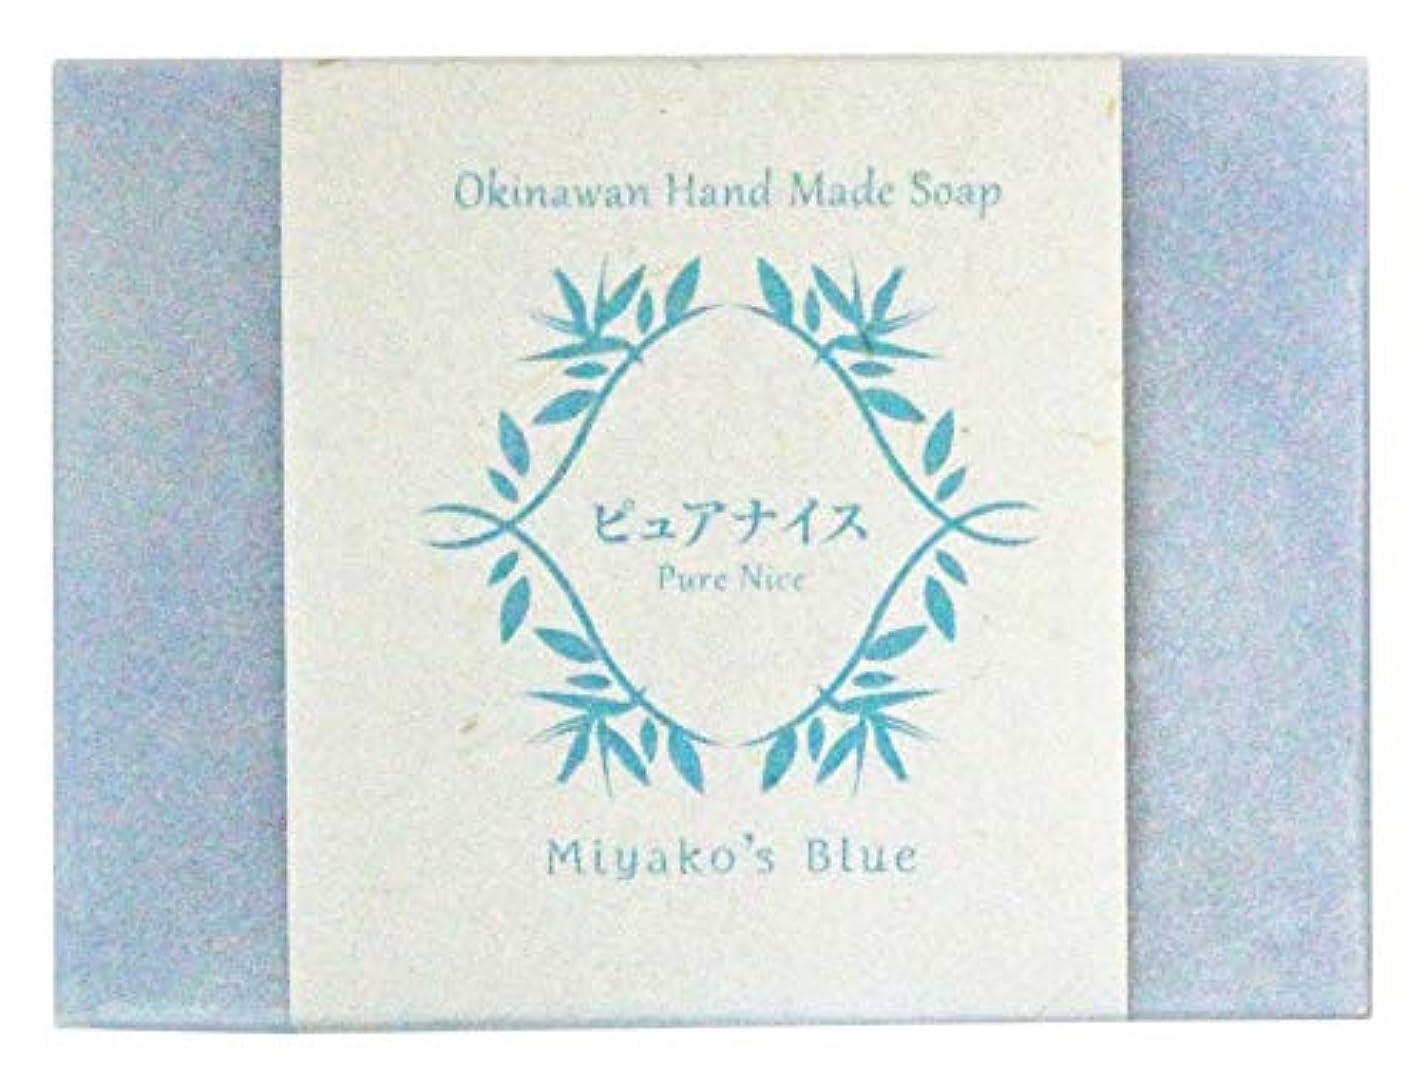 傷つける夕方安全ピュアナイス おきなわ素材石けん Mikako's Blue 100g